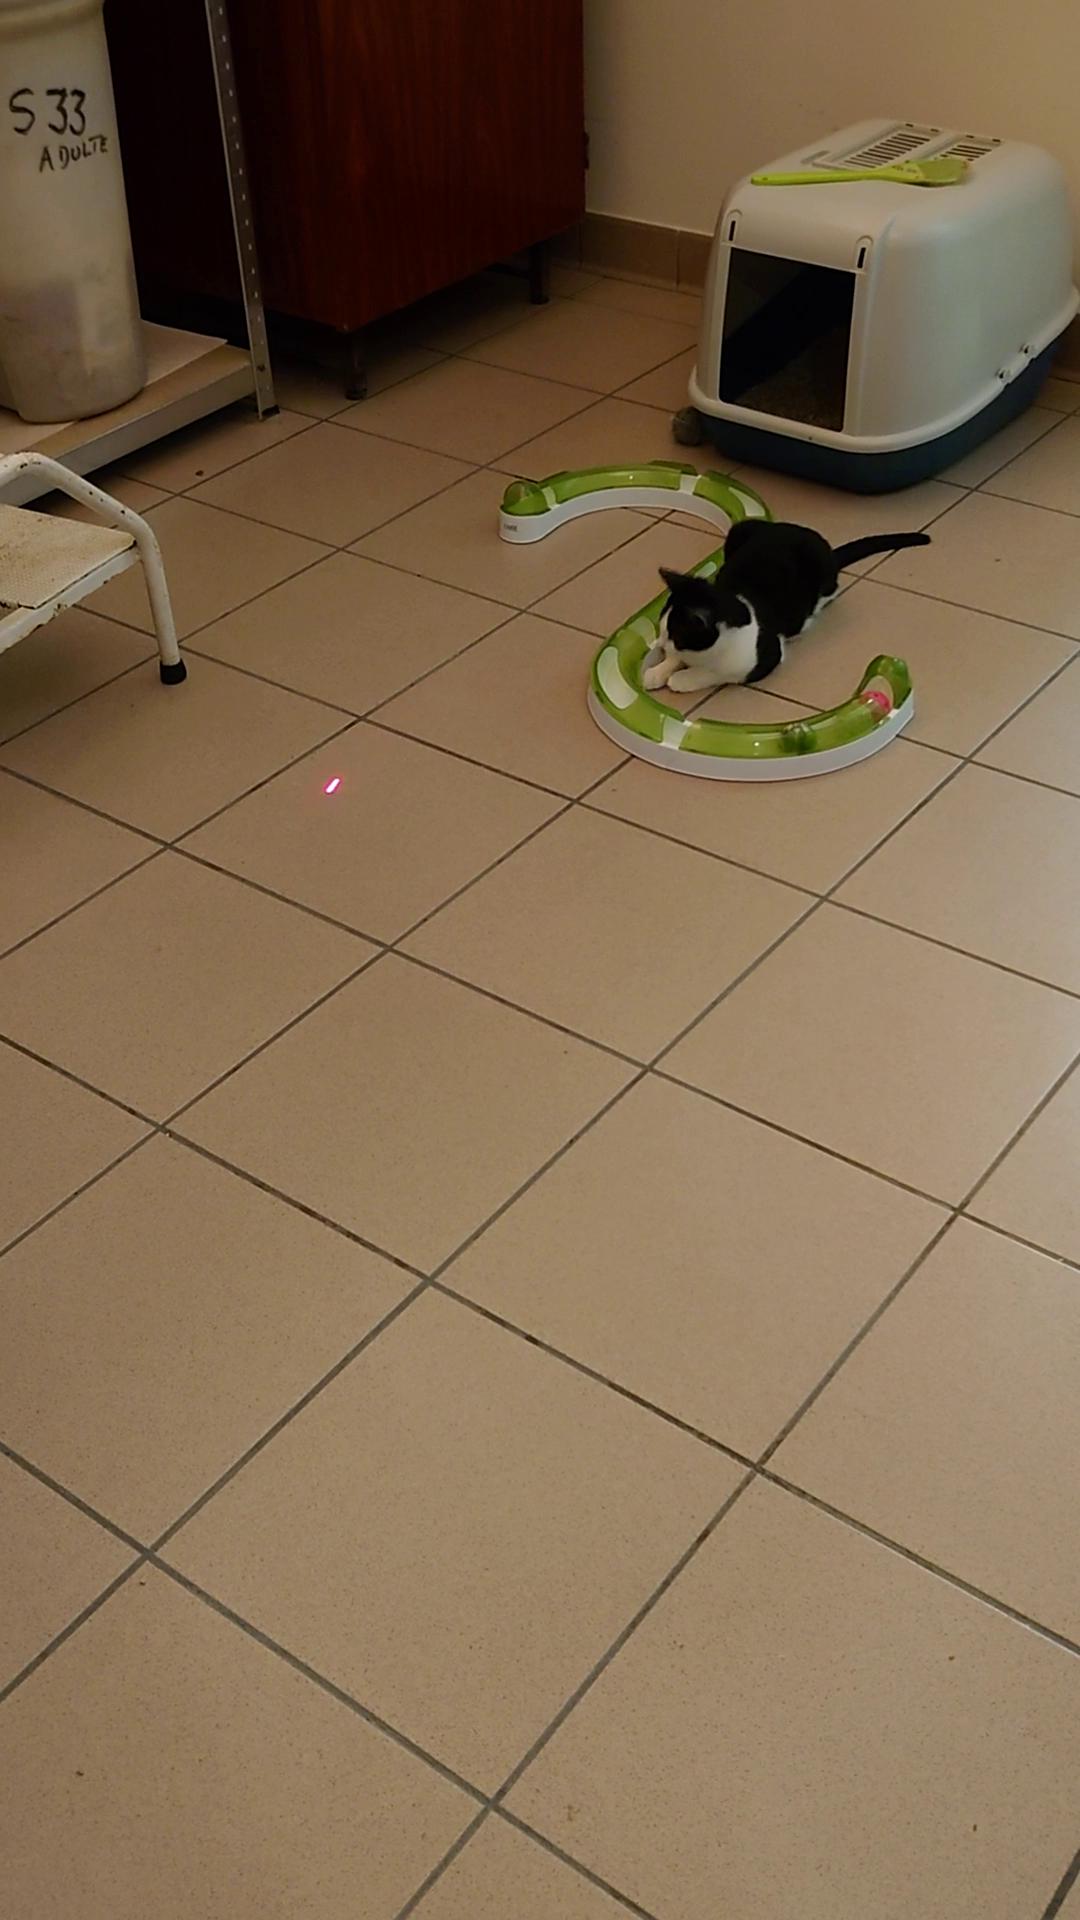 Laser Cat Game